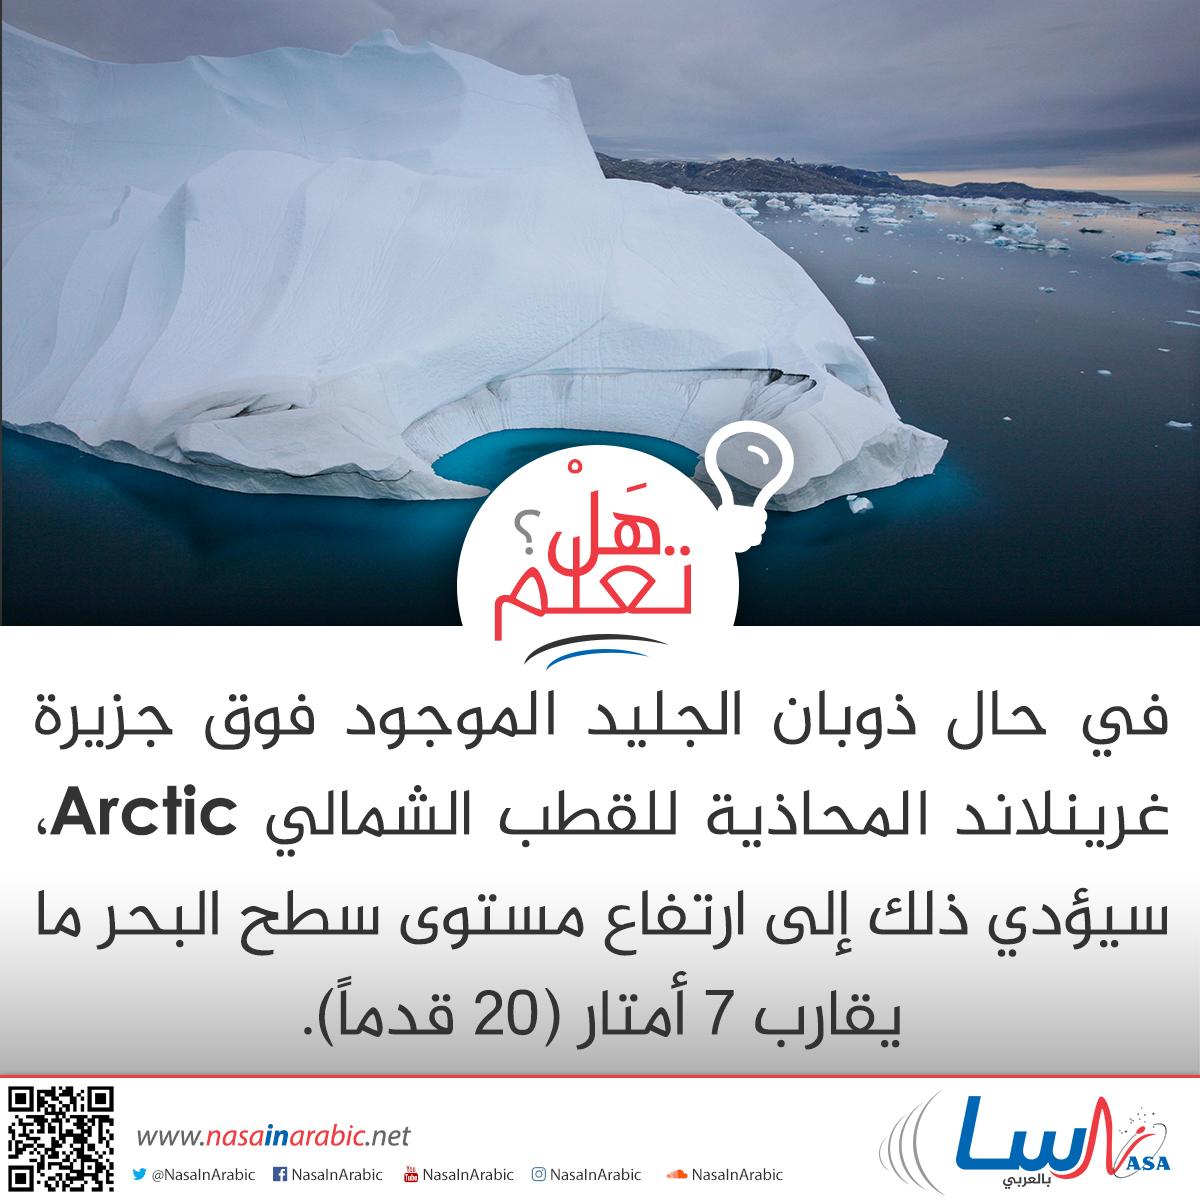 ماذا لو ذاب الجليد الموجود فوق جزيرة غرينلاند؟